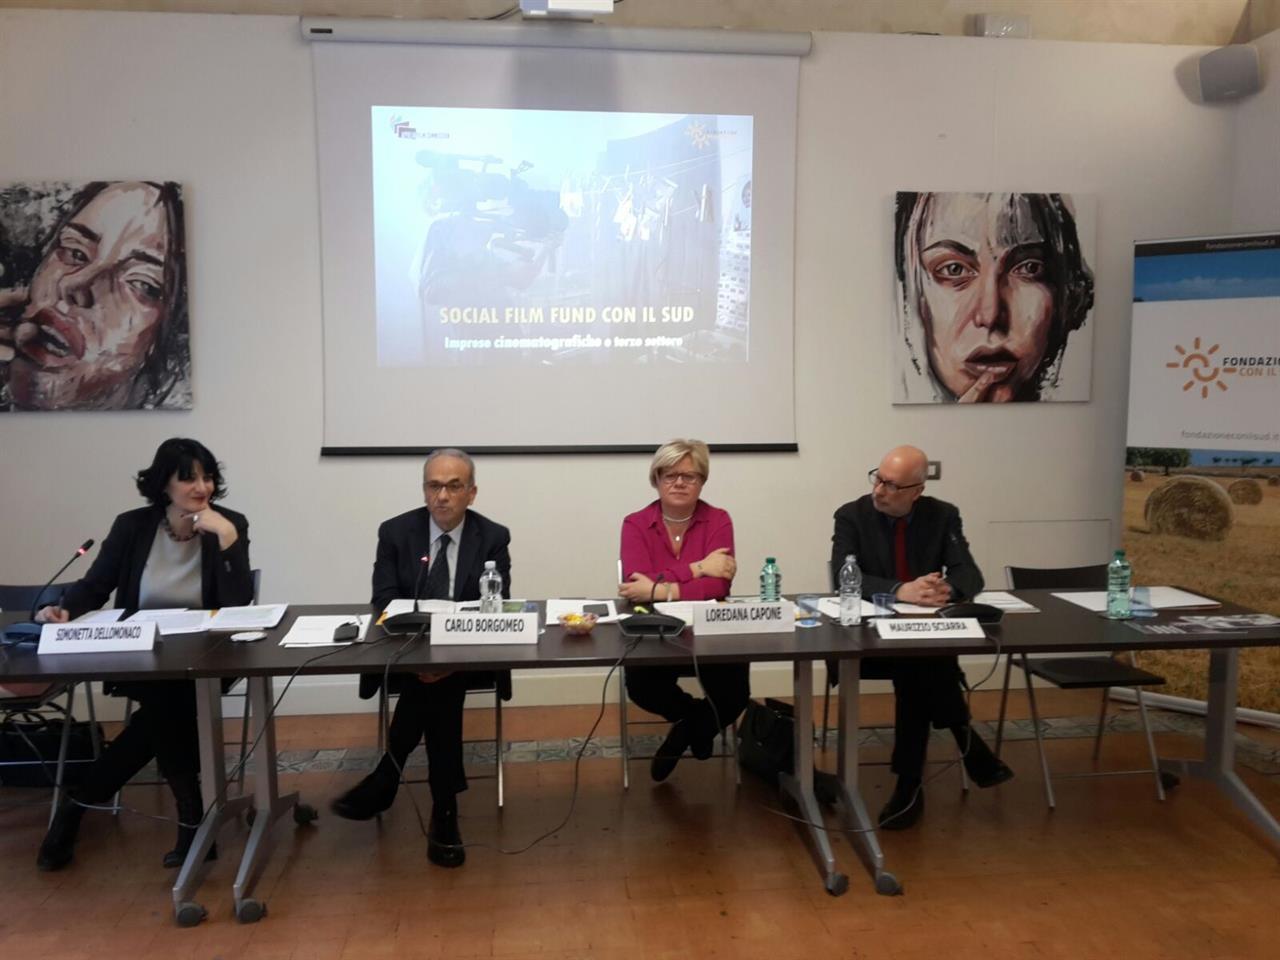 Presentazione del Social Film Fund- Con il Sud, 21 dicembre 2017